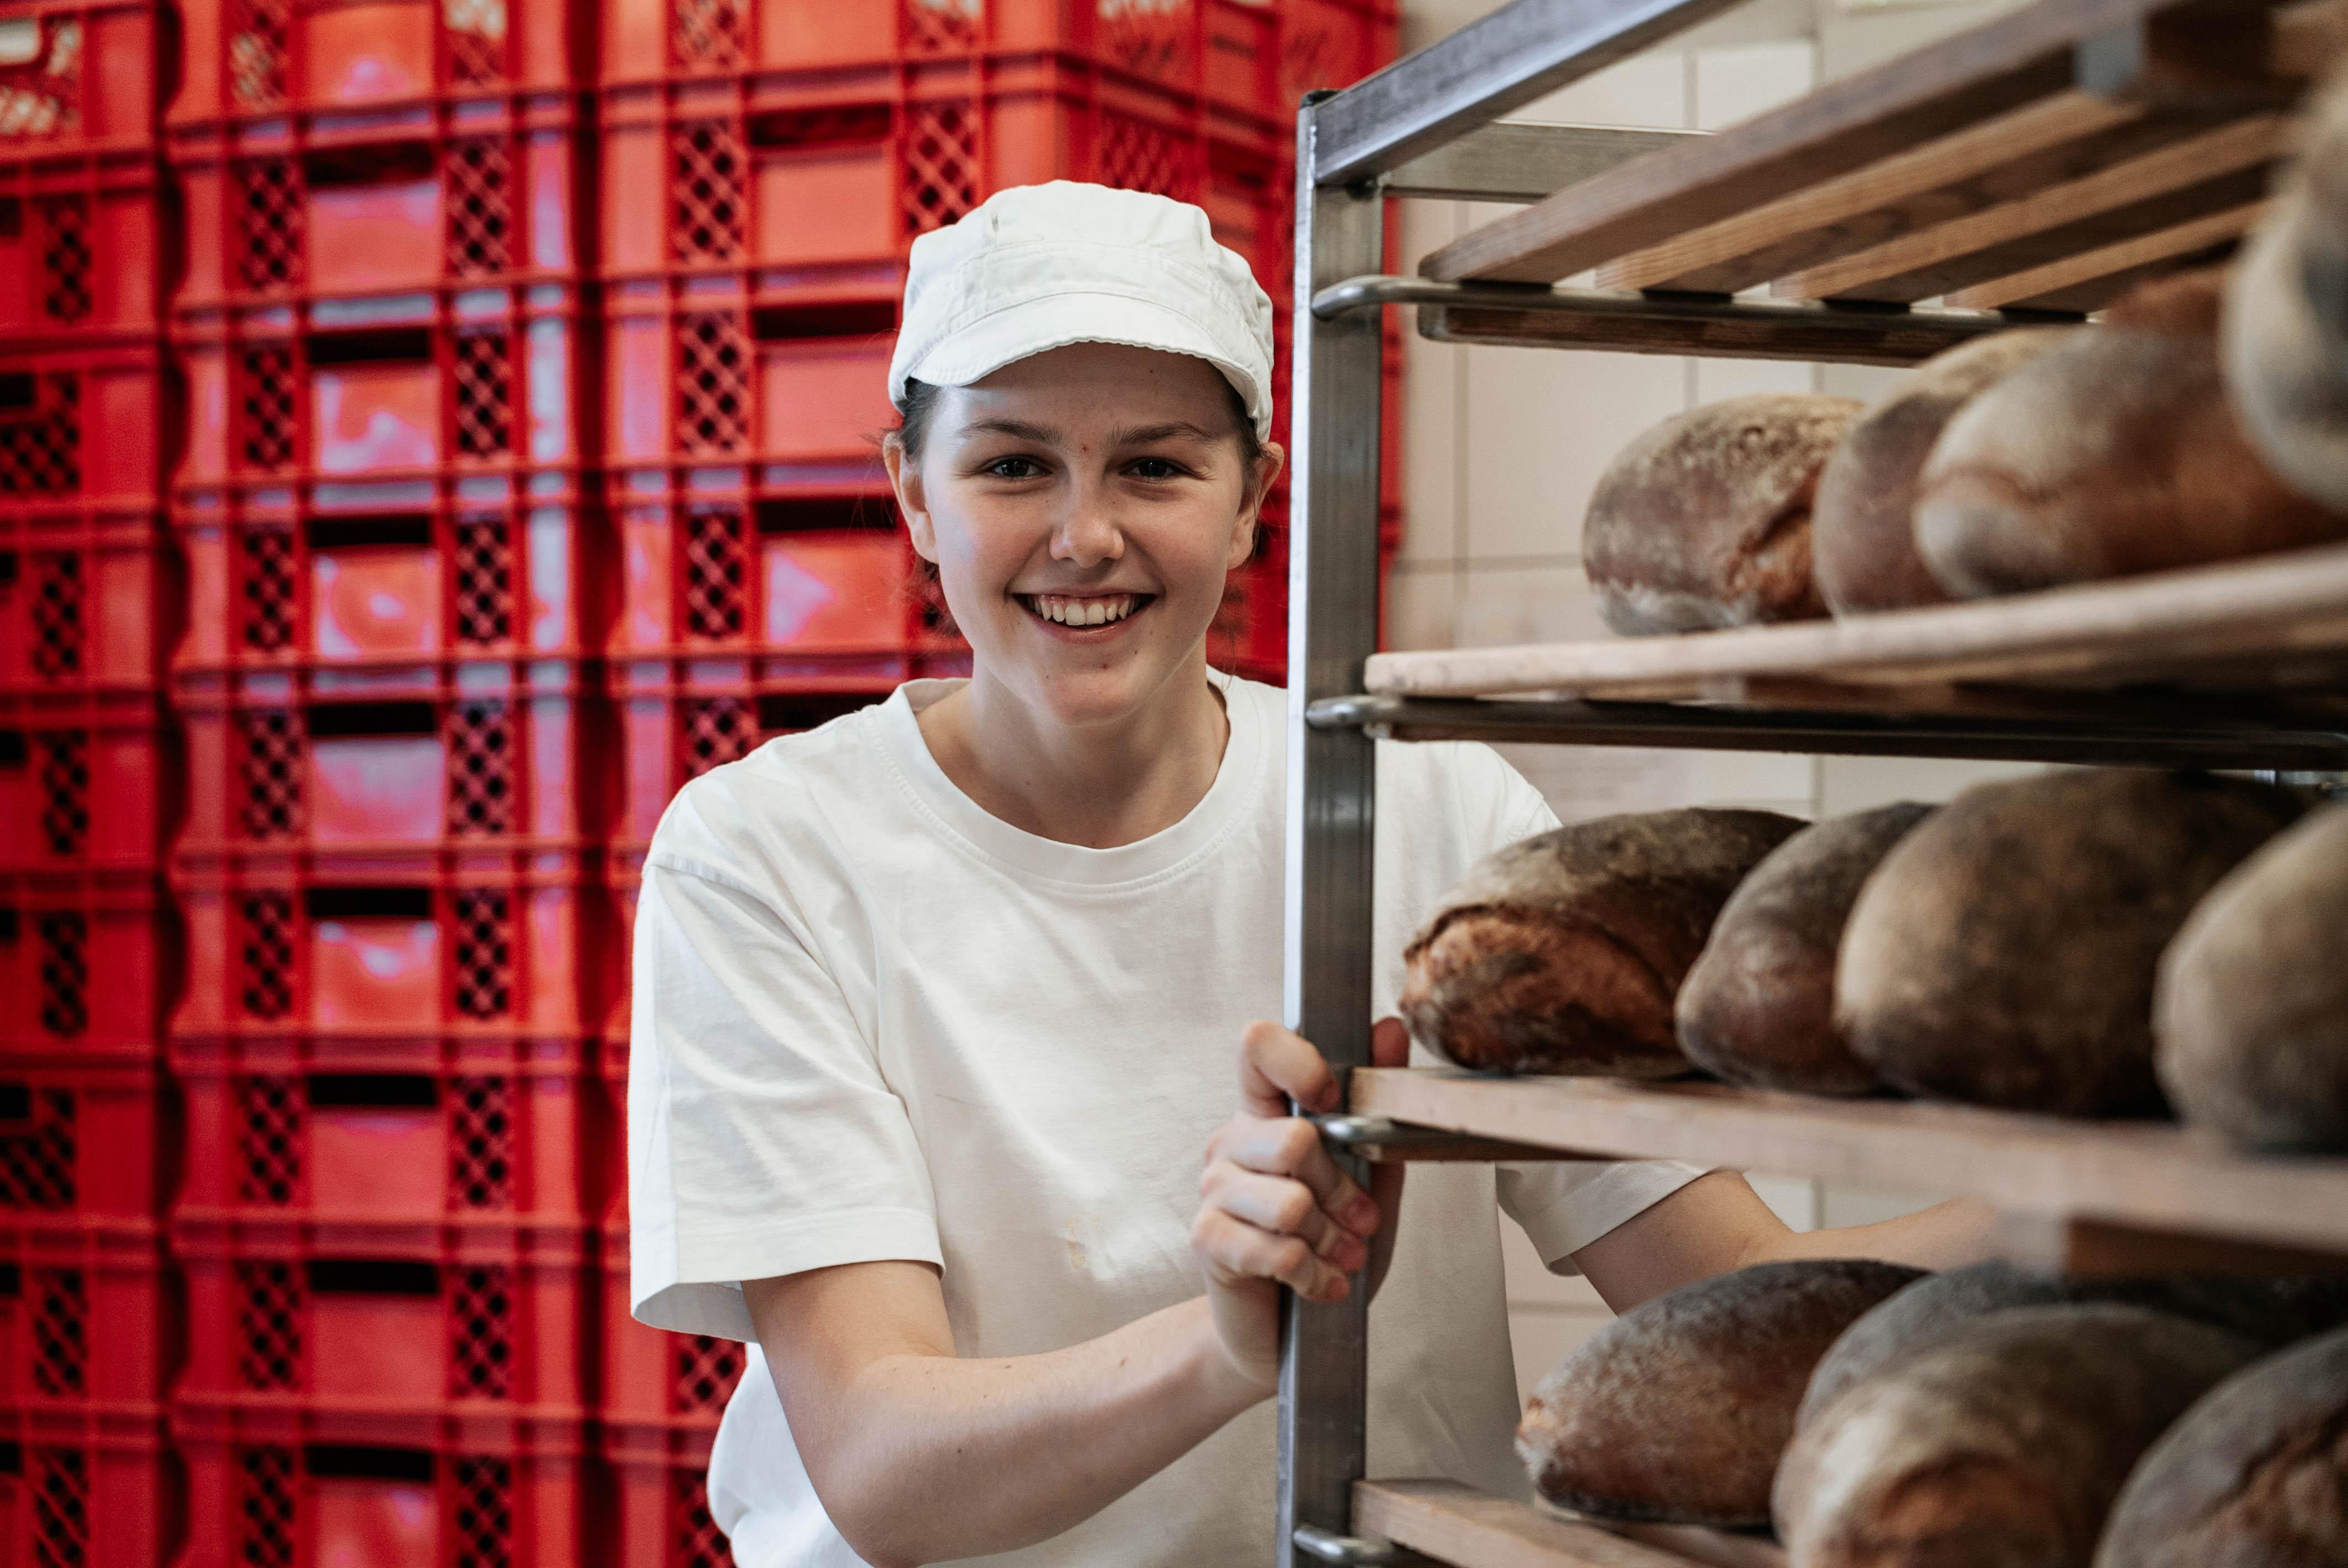 Bäckerin schiebt einen Wagen mit Brot.